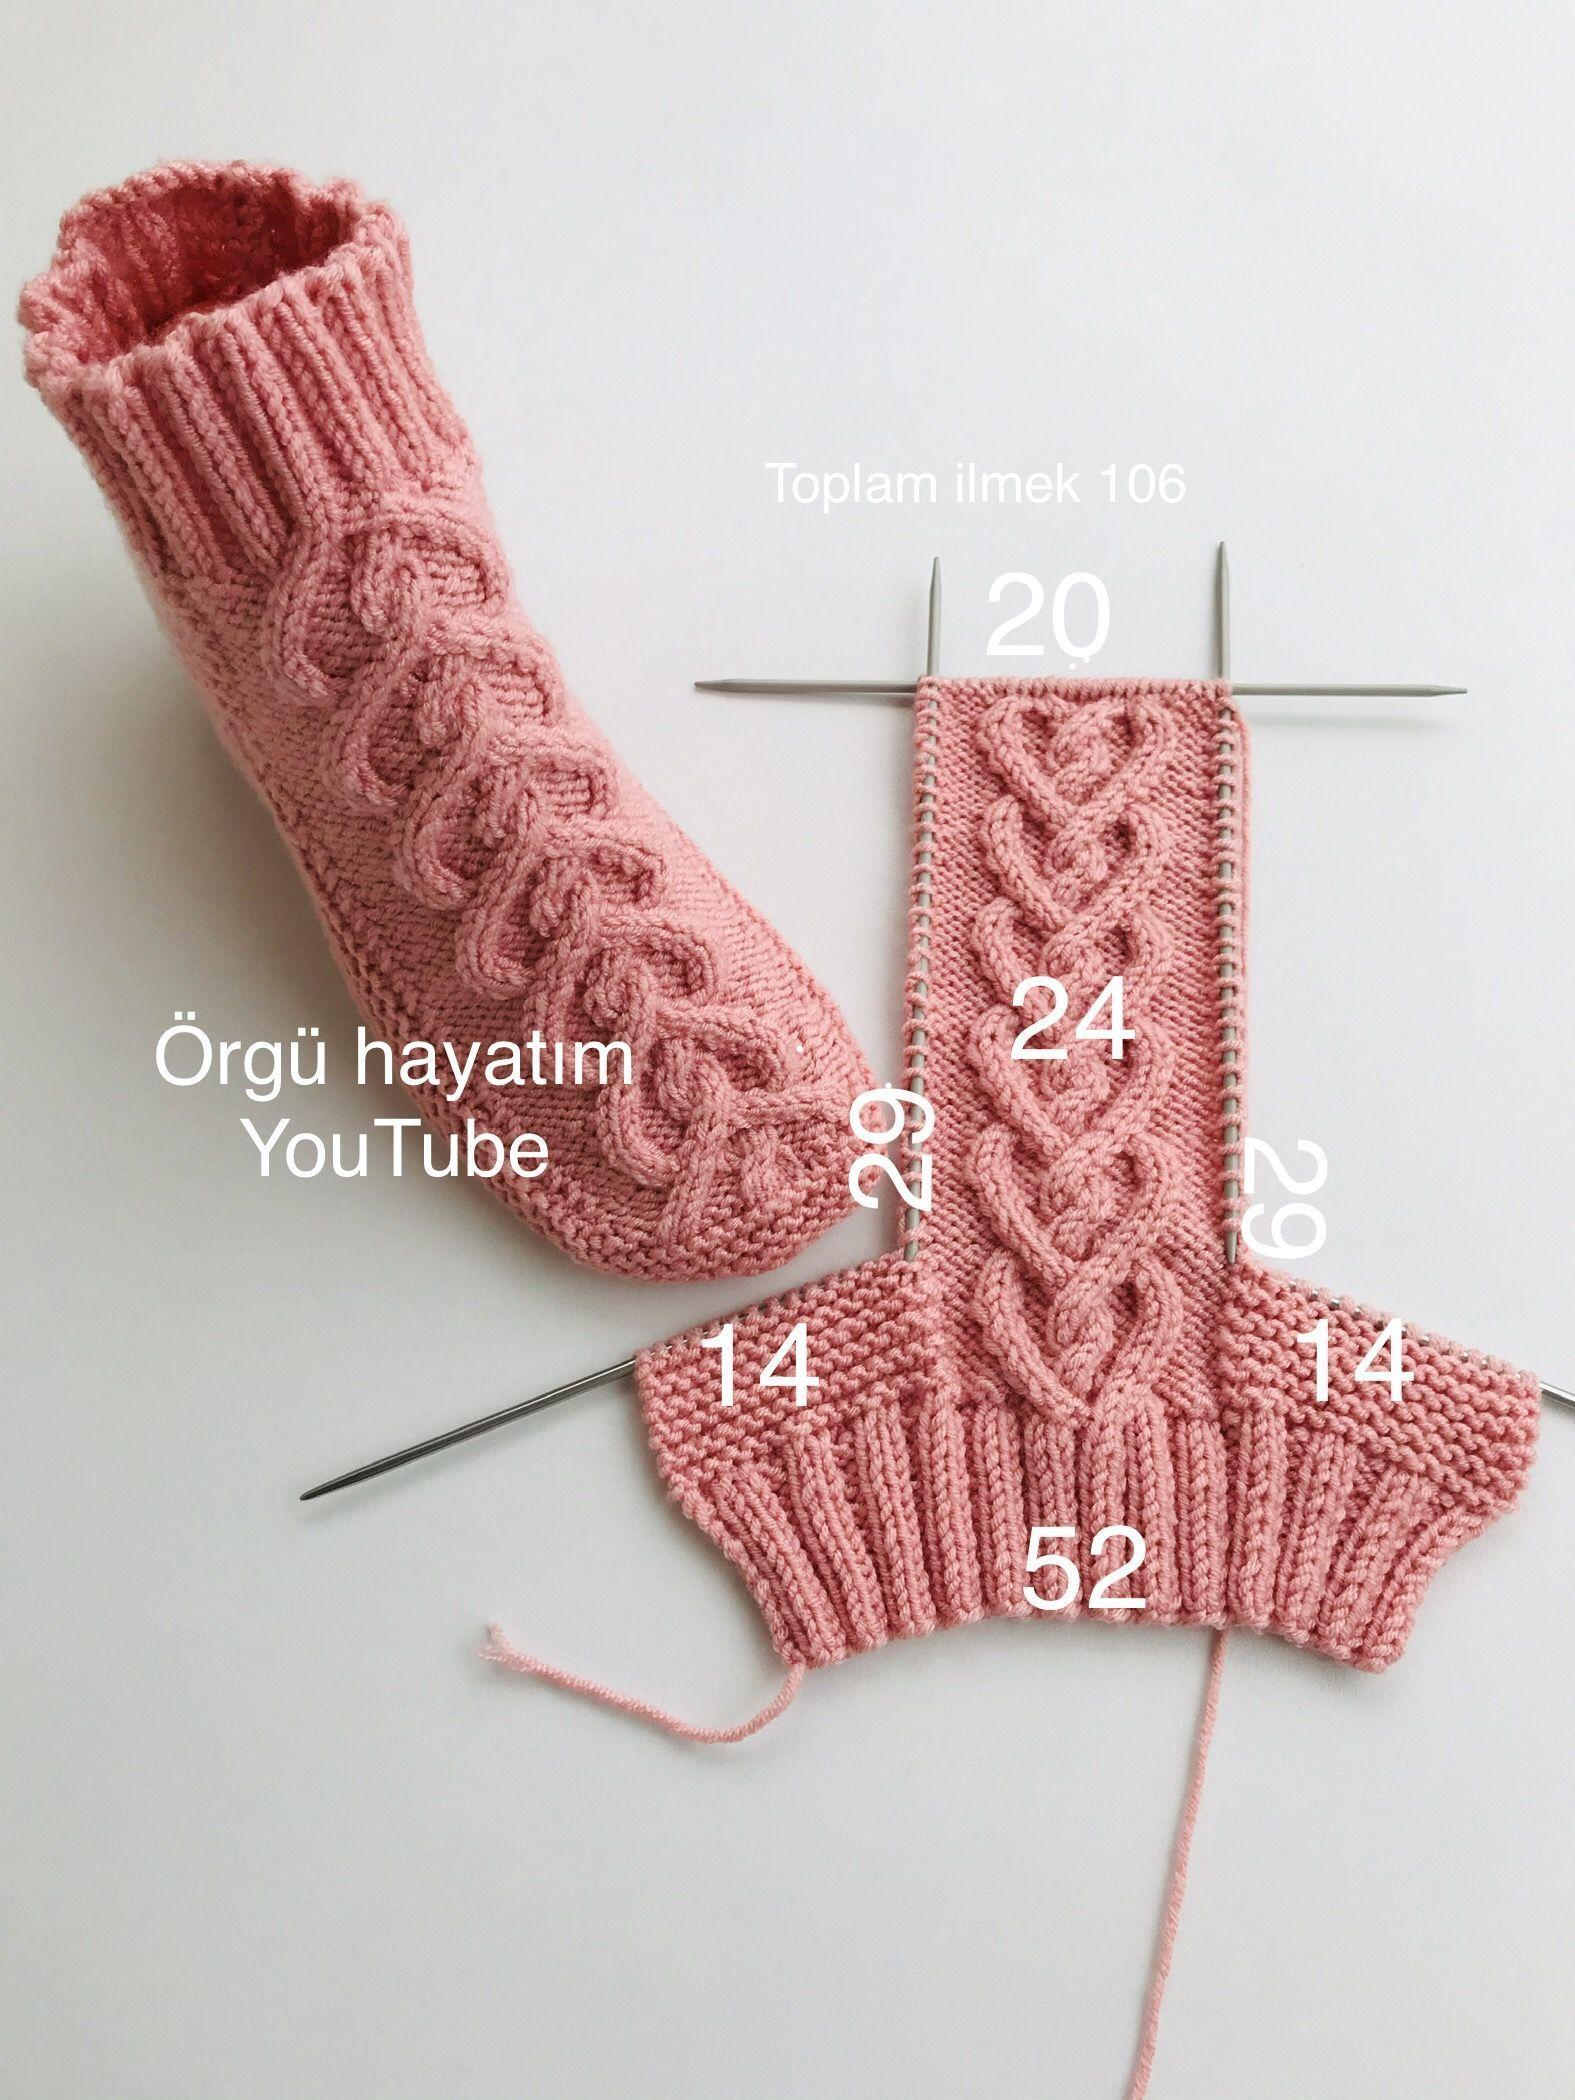 Burgulu Kalp Patik - Stricken ist so einfach wie 1, 2, 3 Stricken ist an ..., #on #Bu ... - Welcome to Blog